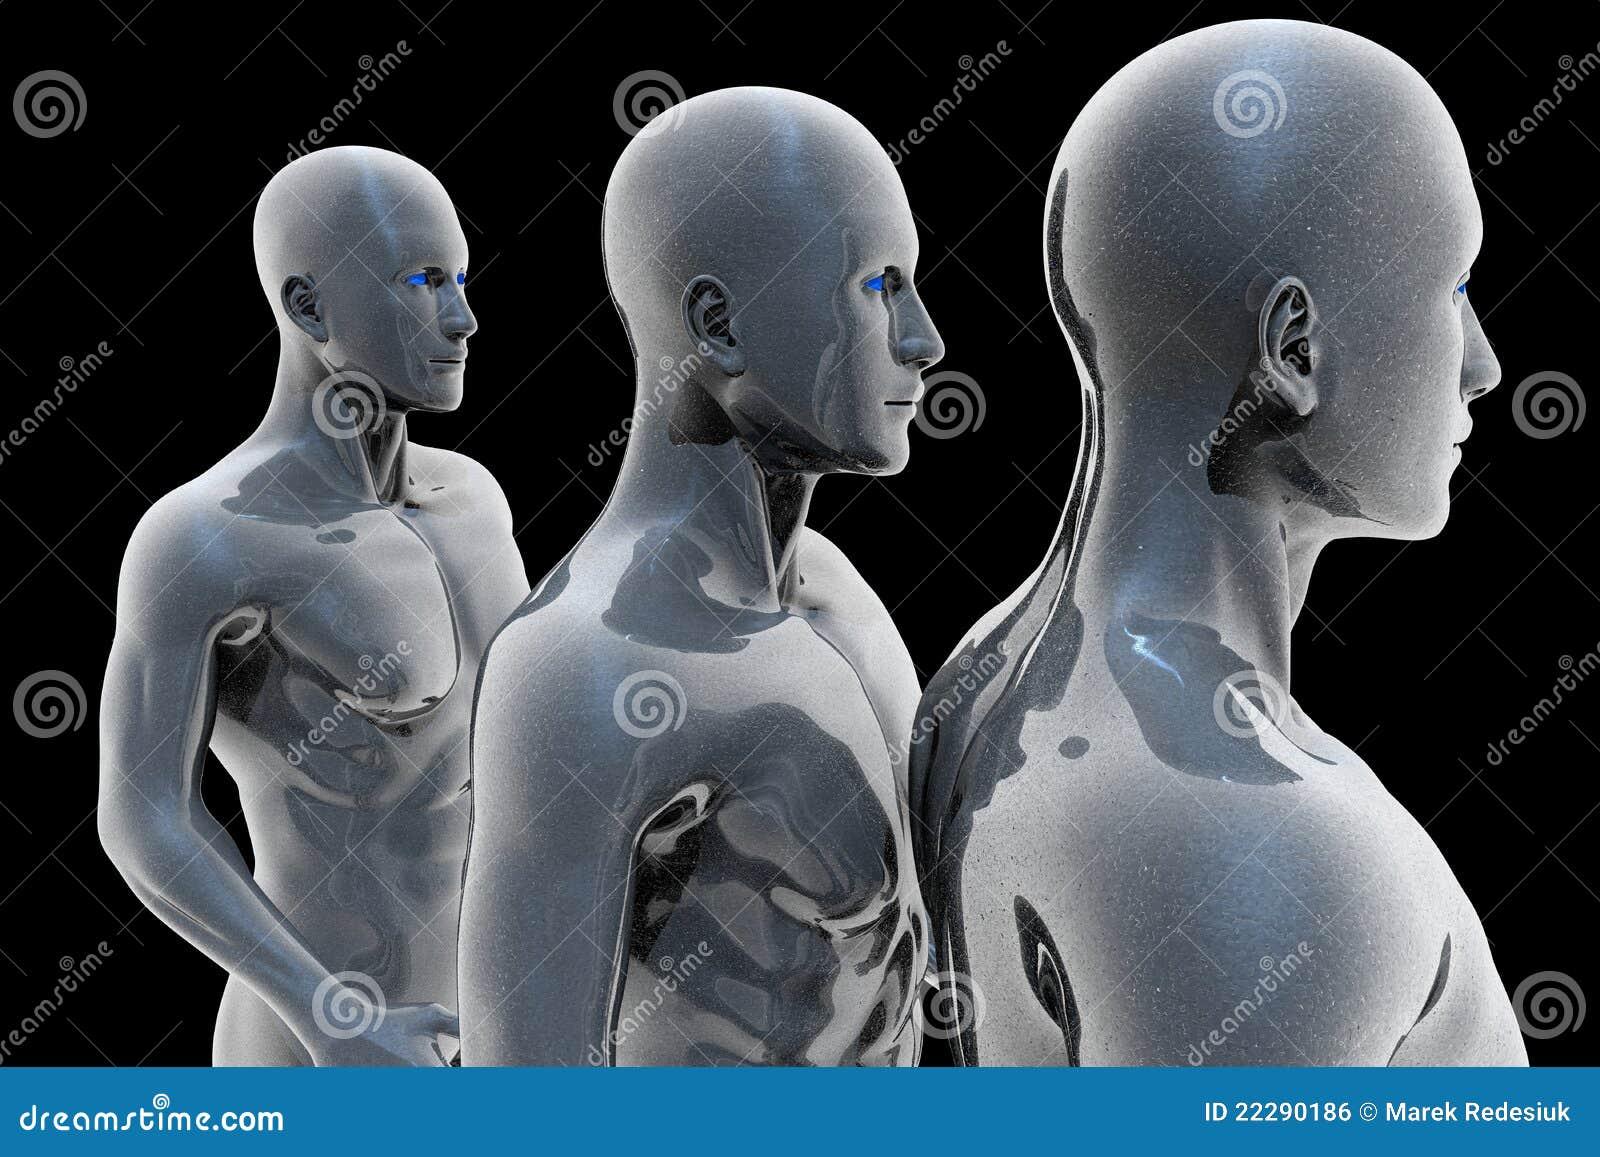 Cyborg - hombre y máquina - futuro